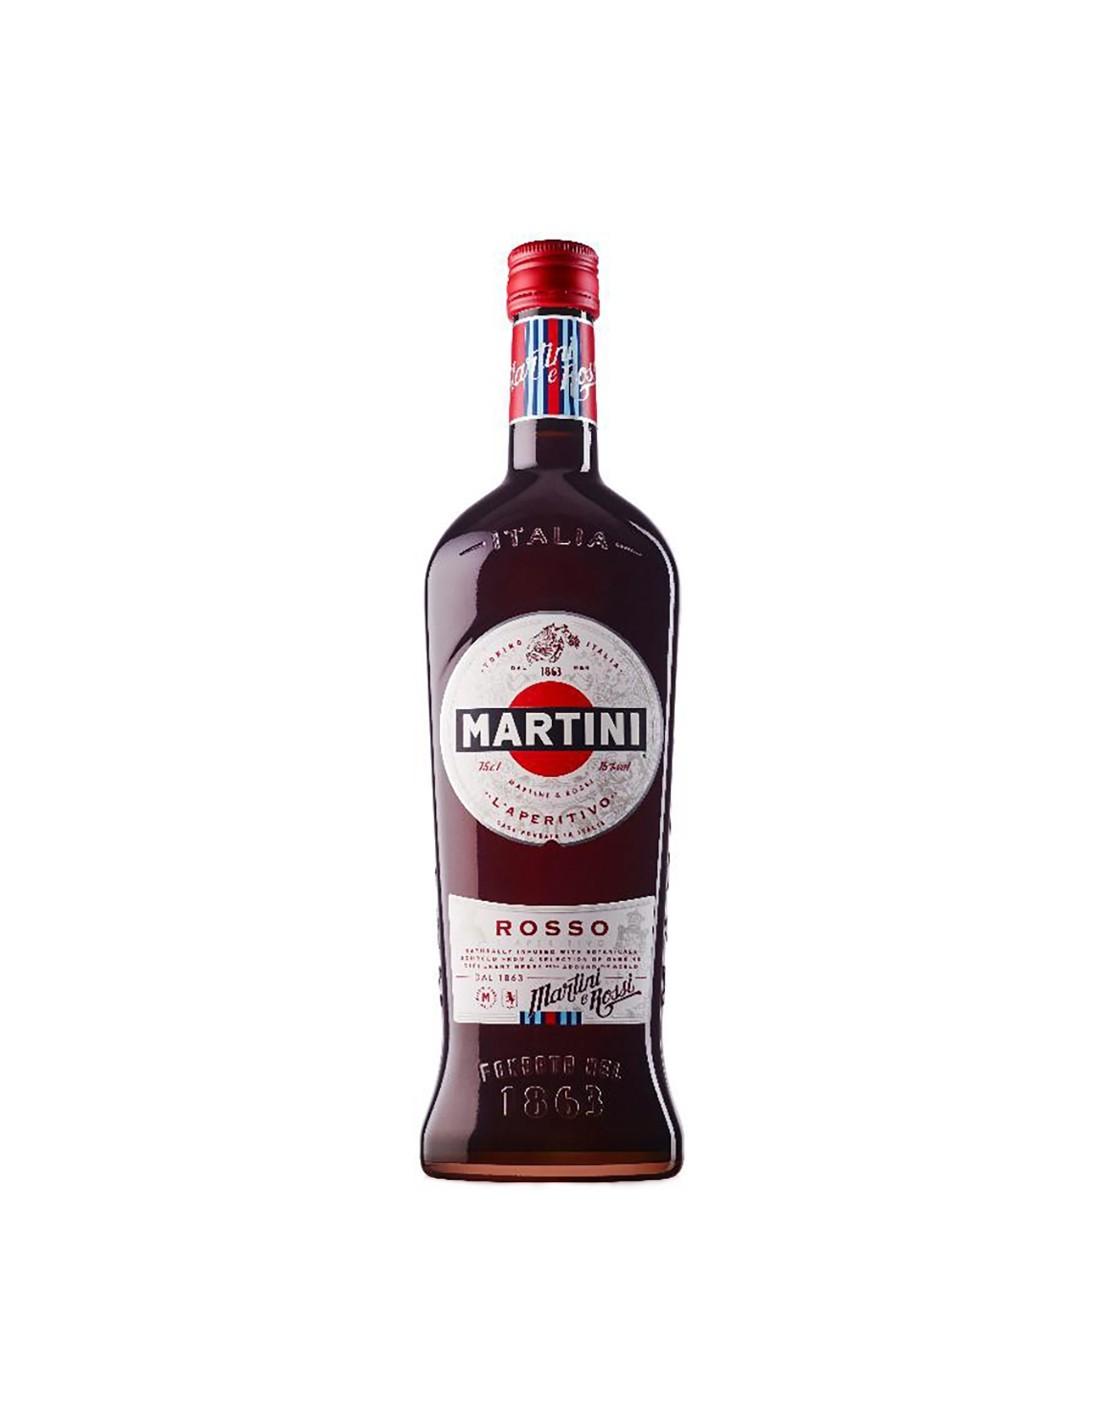 Aperitiv Martini Rosso, 14.4% alc., 0.75L, Italia